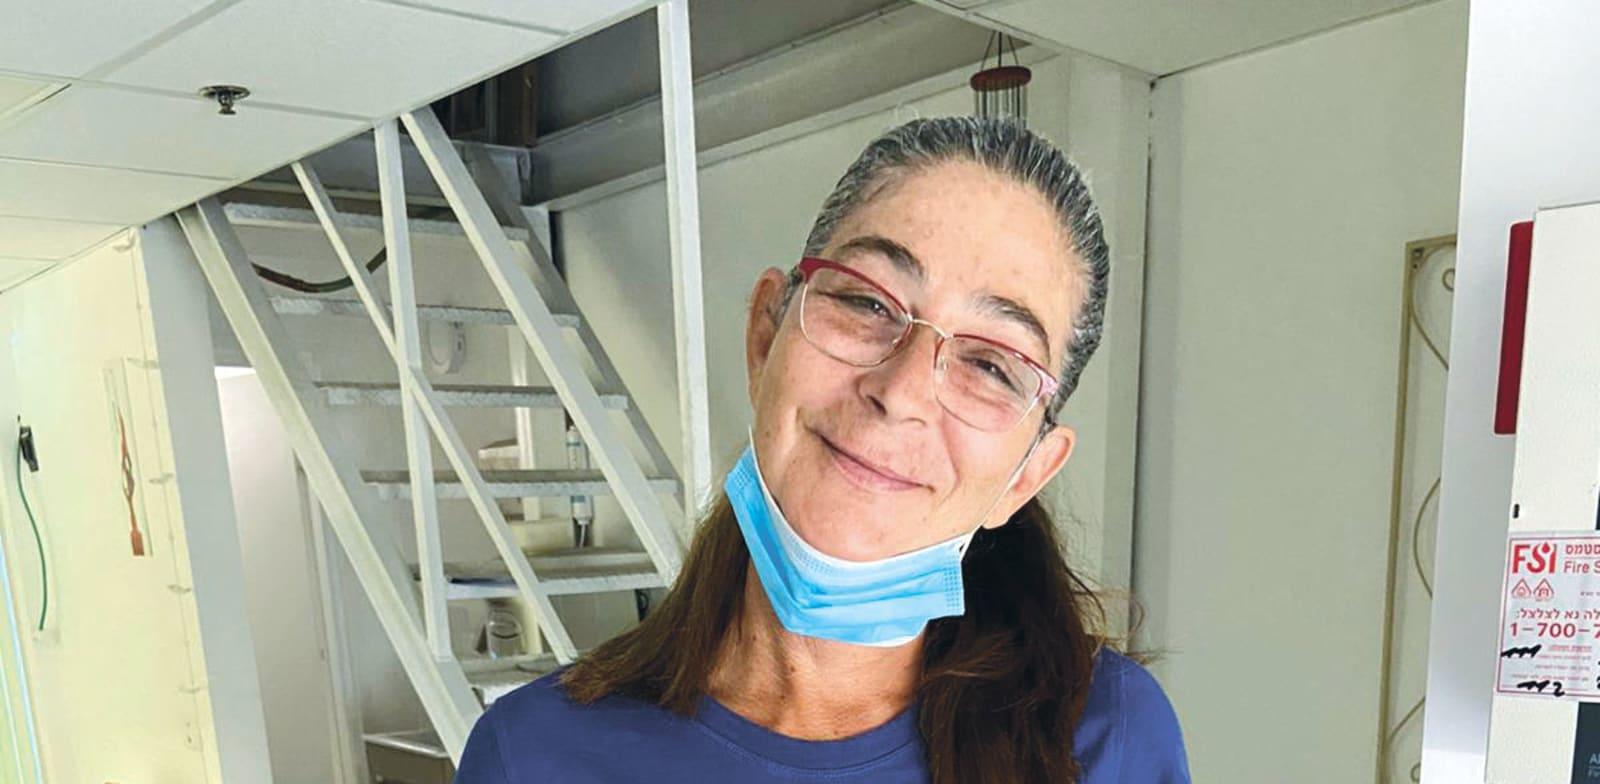 דיתה נייסר, בת 57, קוסמטיקאית מפתח תקווה / צילום: נועה נייסר